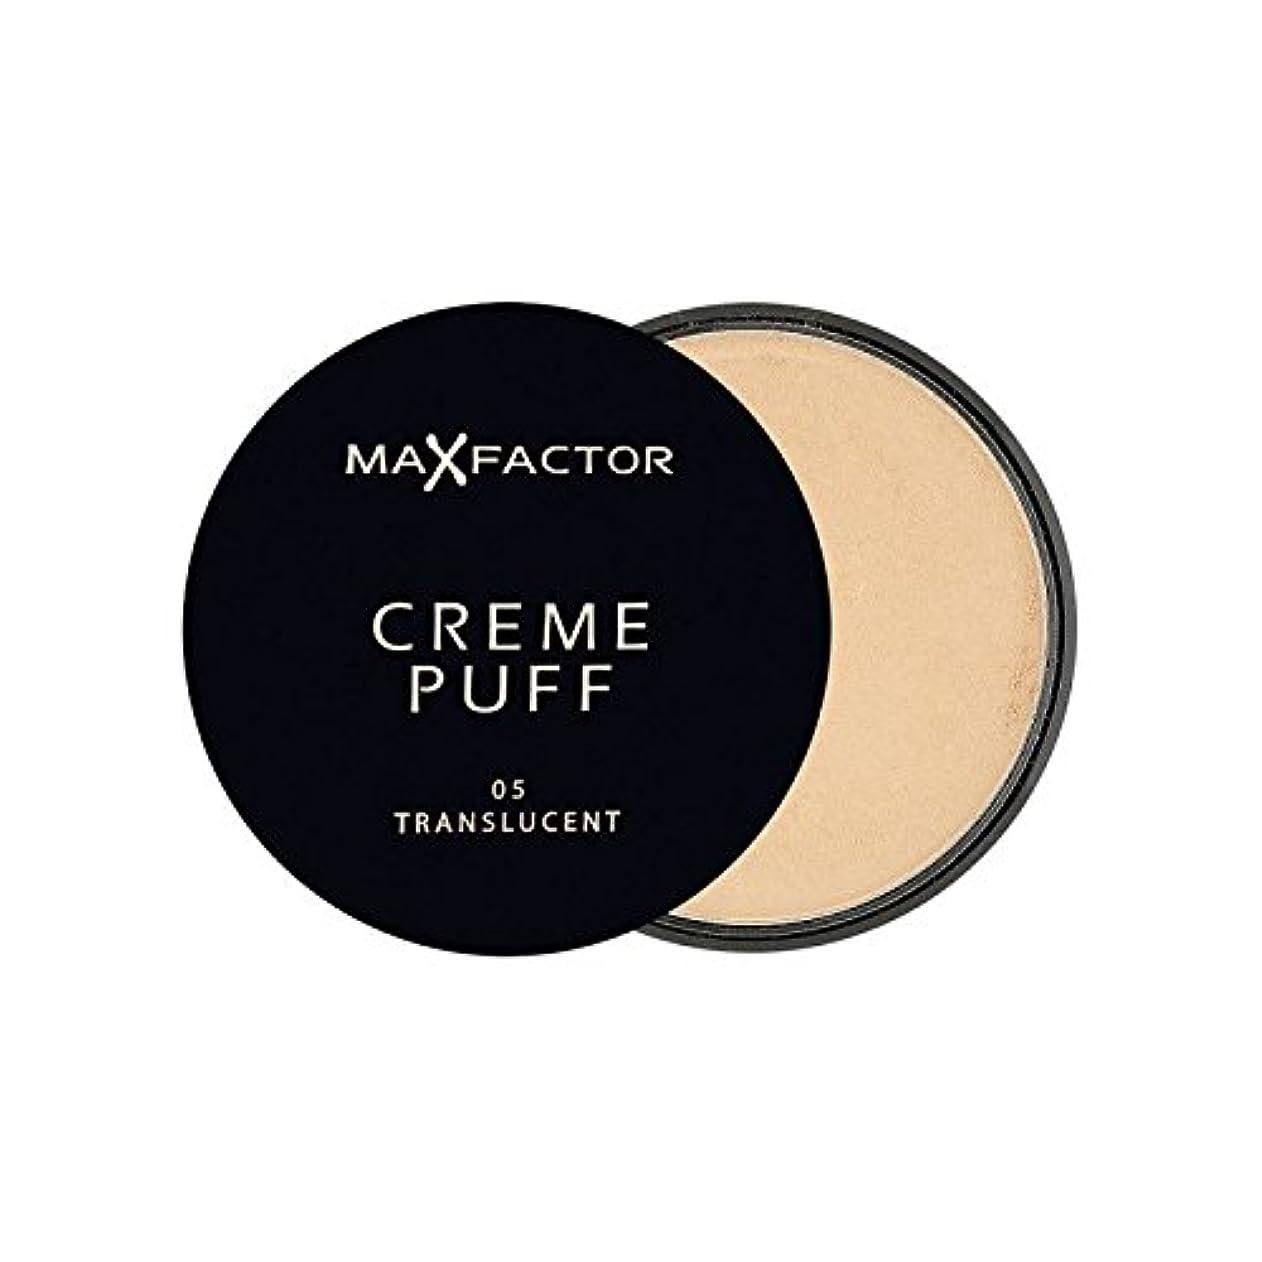 恐竜高さ自治的マックスファクタークリームパフパウダーコンパクト半透明5 x2 - Max Factor Creme Puff Powder Compact Translucent 5 (Pack of 2) [並行輸入品]